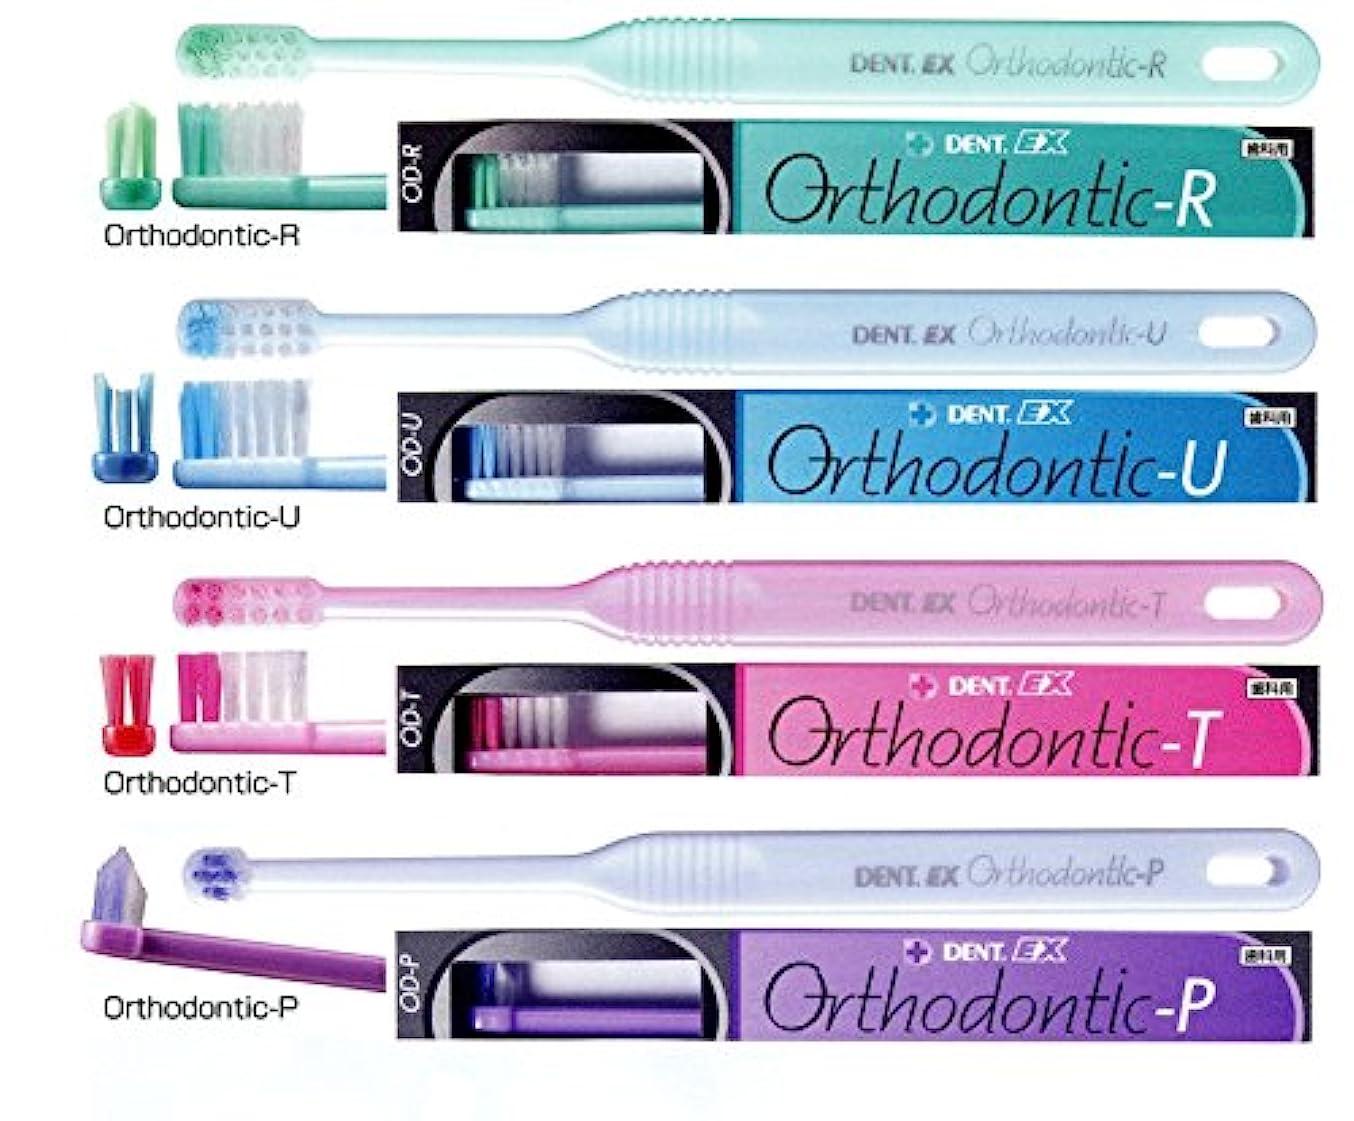 ライオン オルソドンティック 歯ブラシ DENT.EX Orthodontic-P/パールパープル